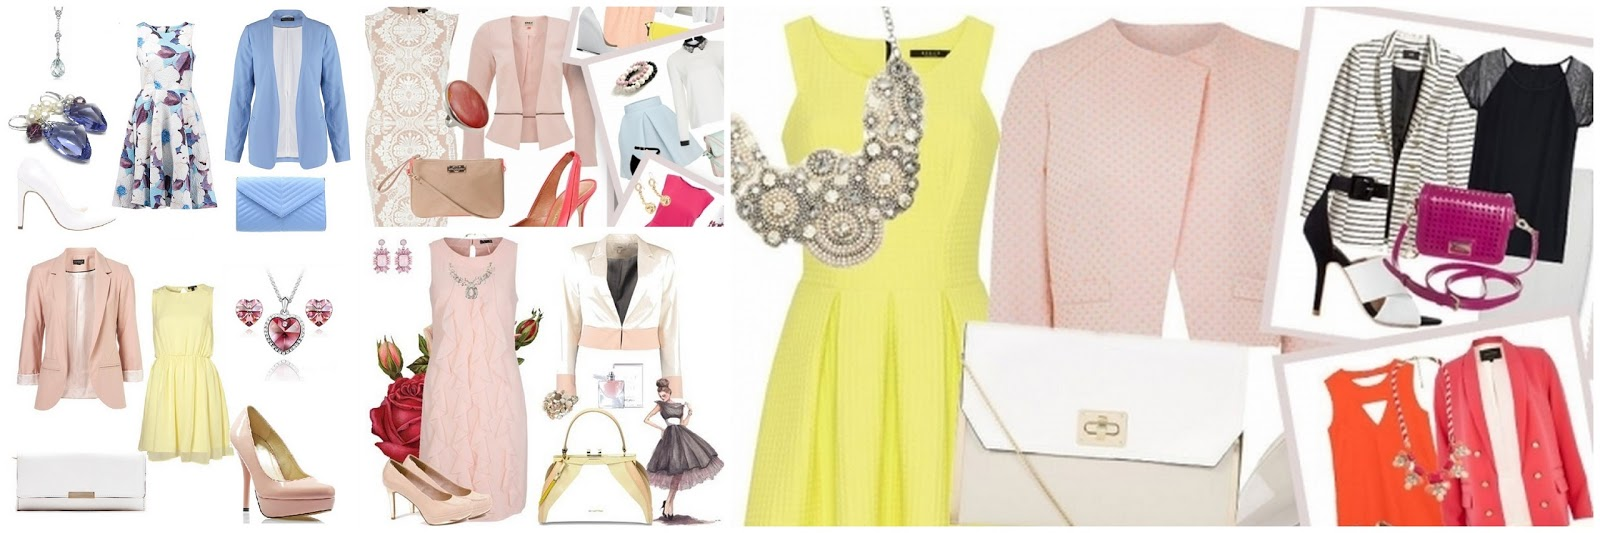 55b8fdf6 Jak się ubrać na komunię - stylizacje dla mamy lub cioci - od ...